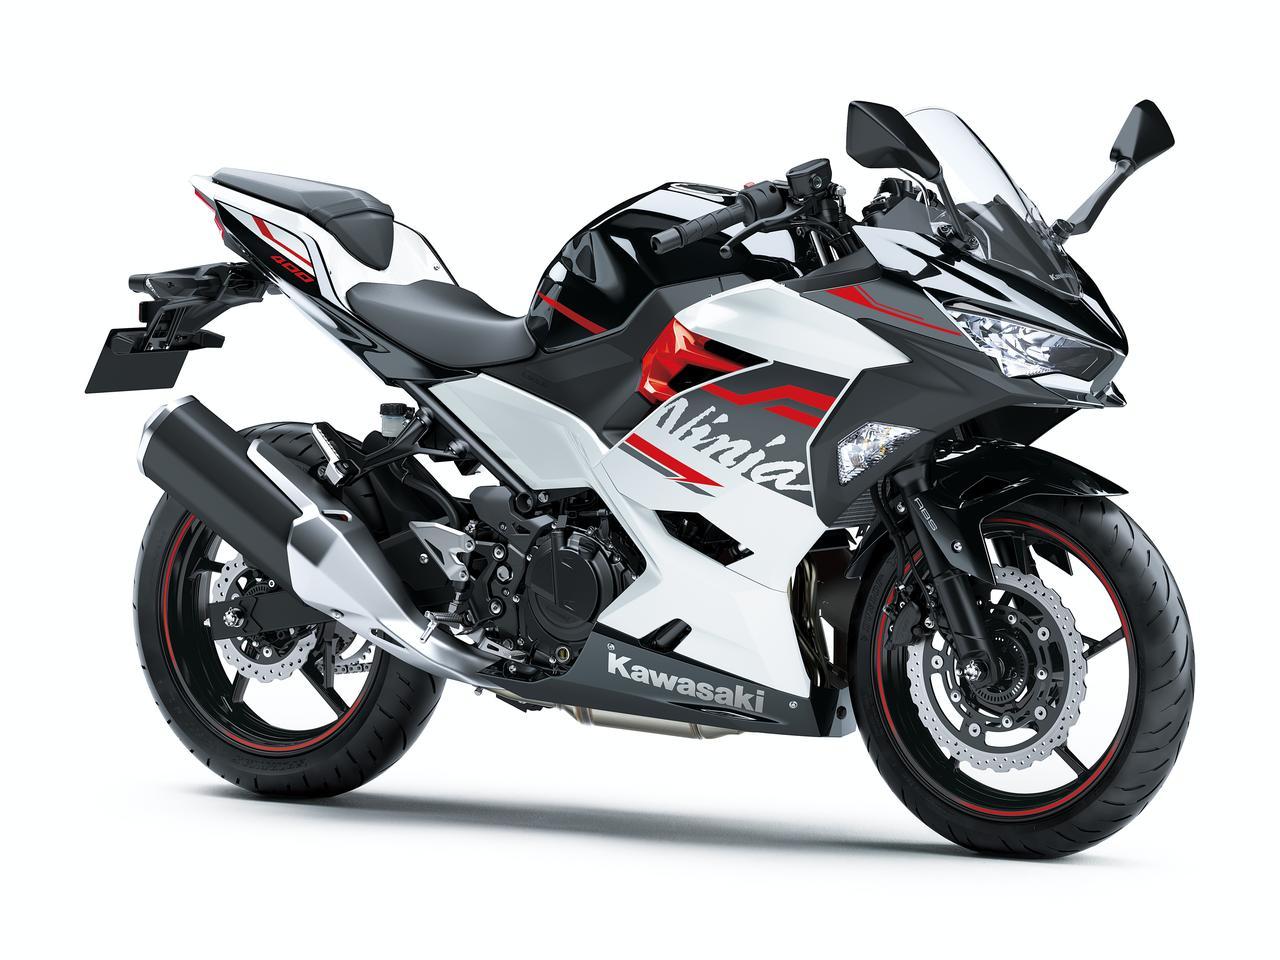 画像4: 【カワサキ】Ninja 400の2020年モデルは9月1日(日)発売開始! カラーバリエーション・アンケート実施中